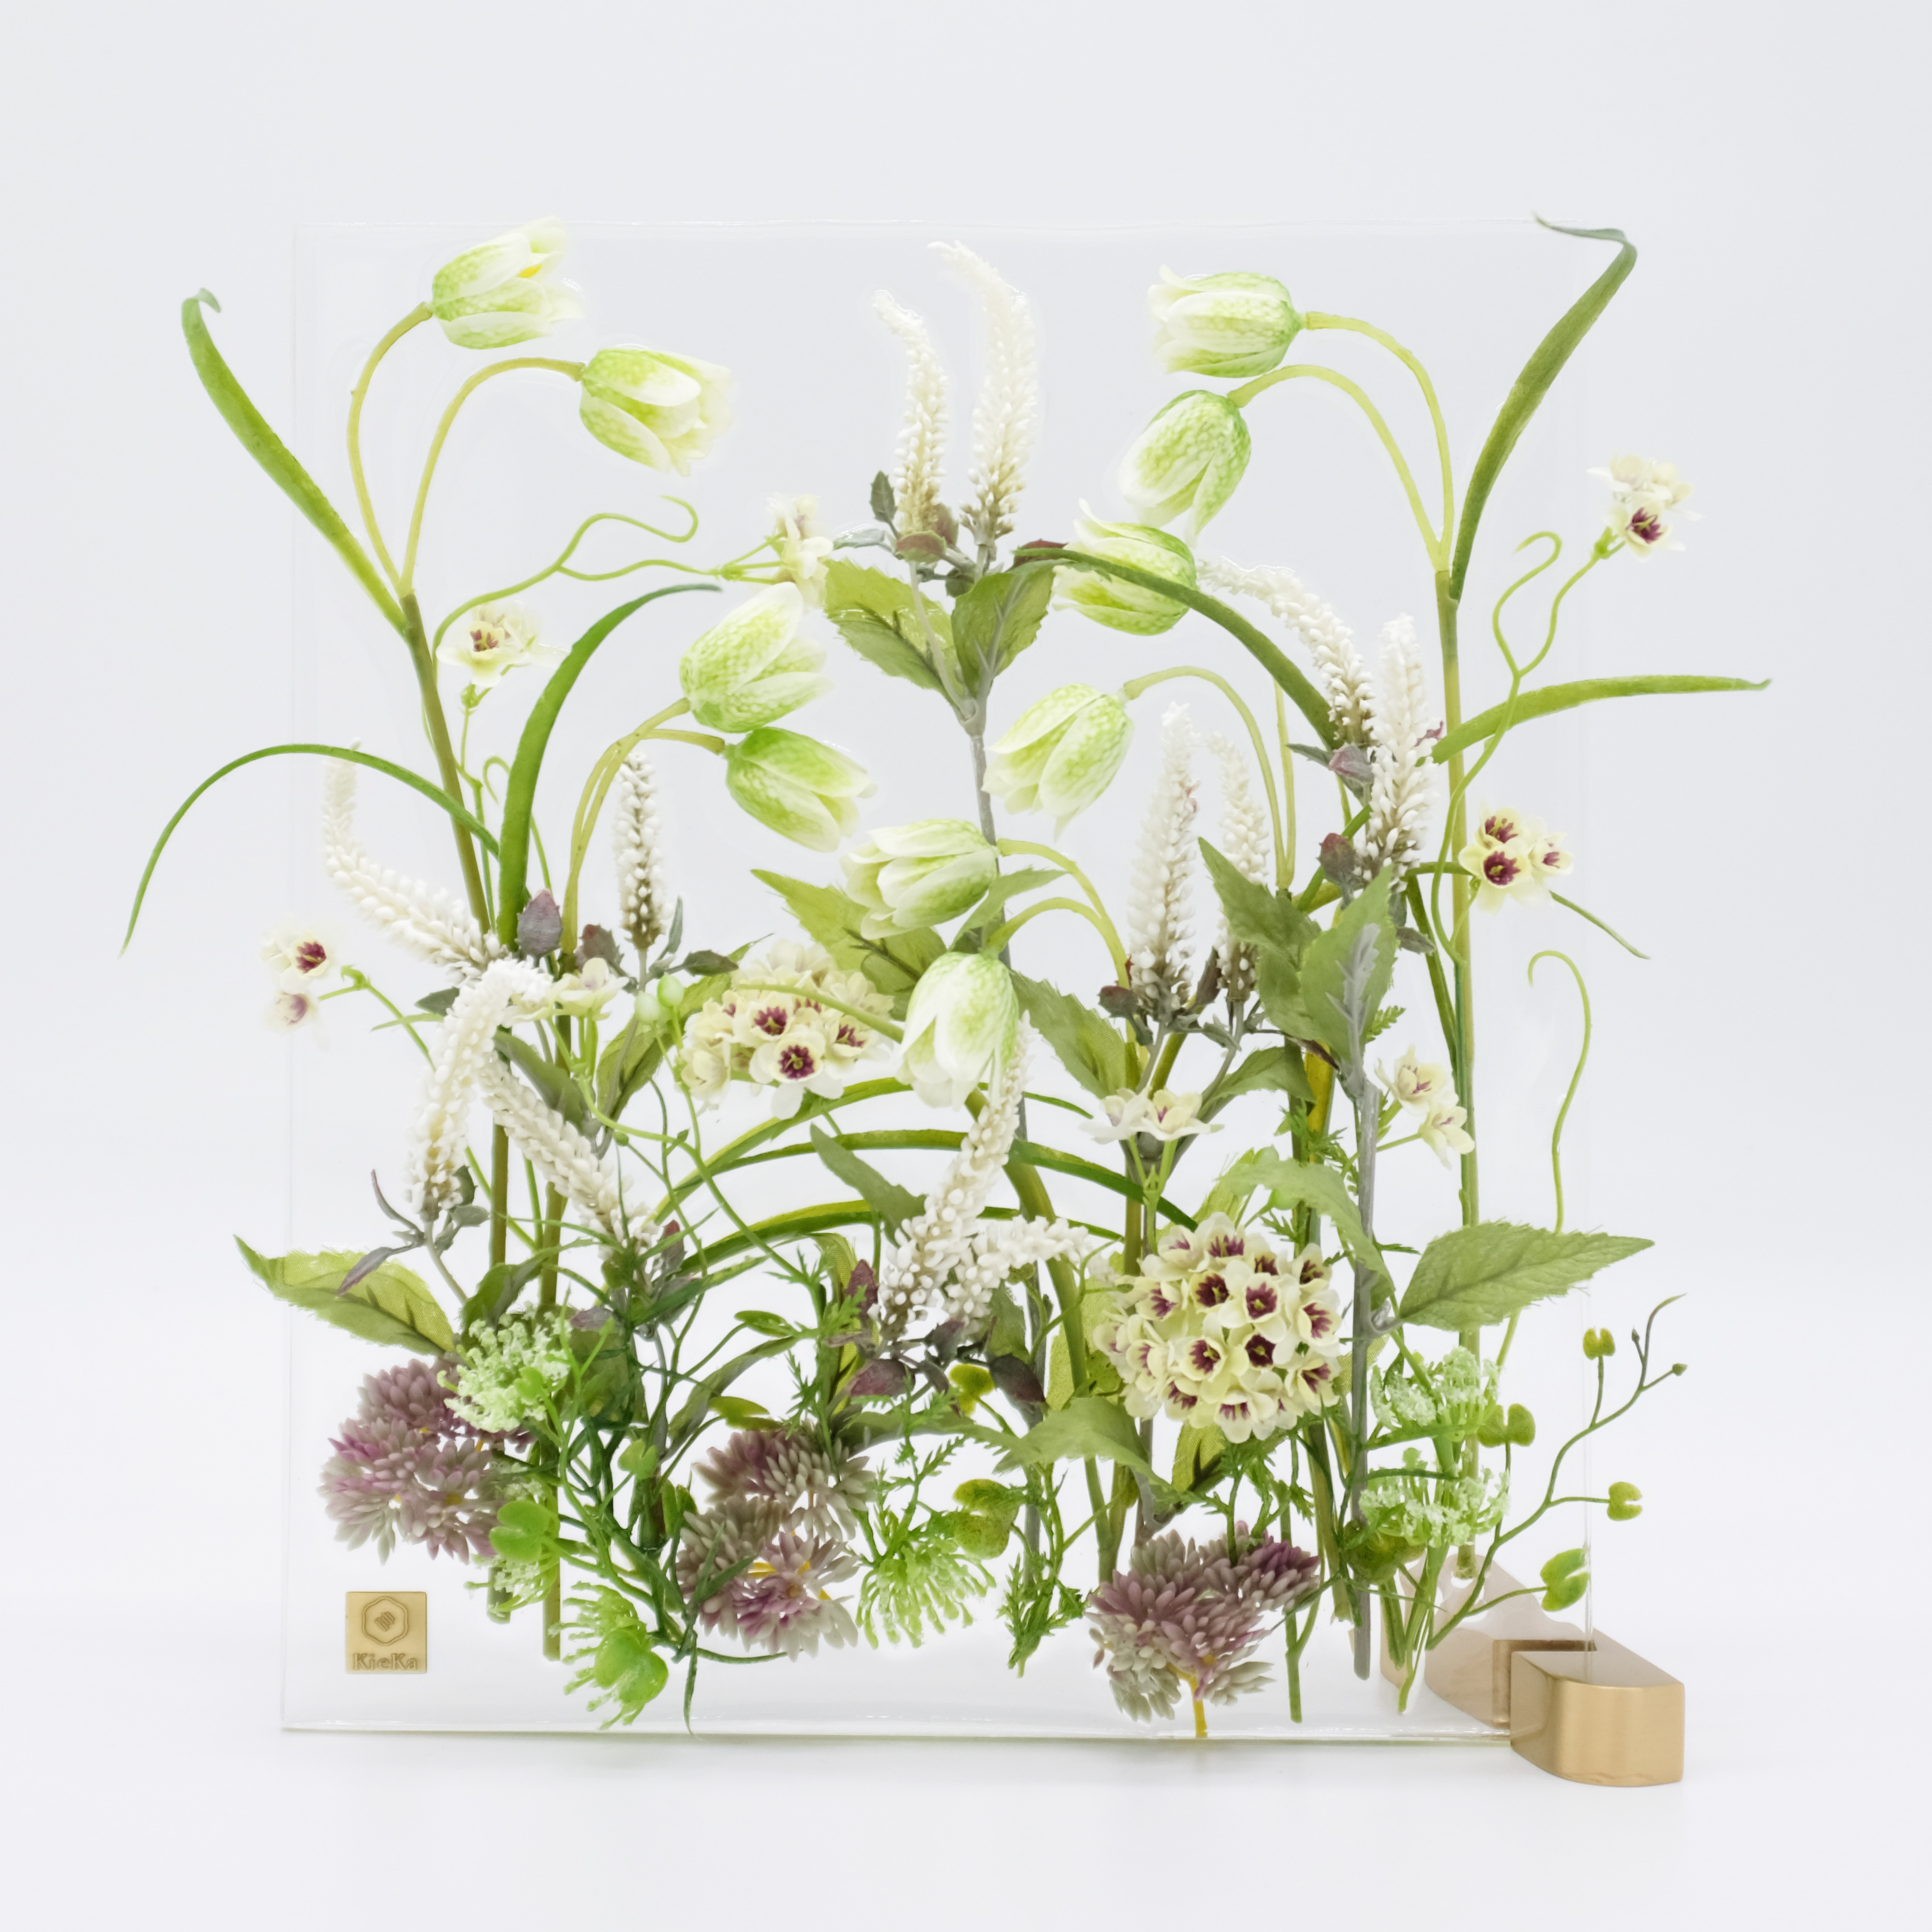 sumika M ガーデン フリチラリア ホワイト